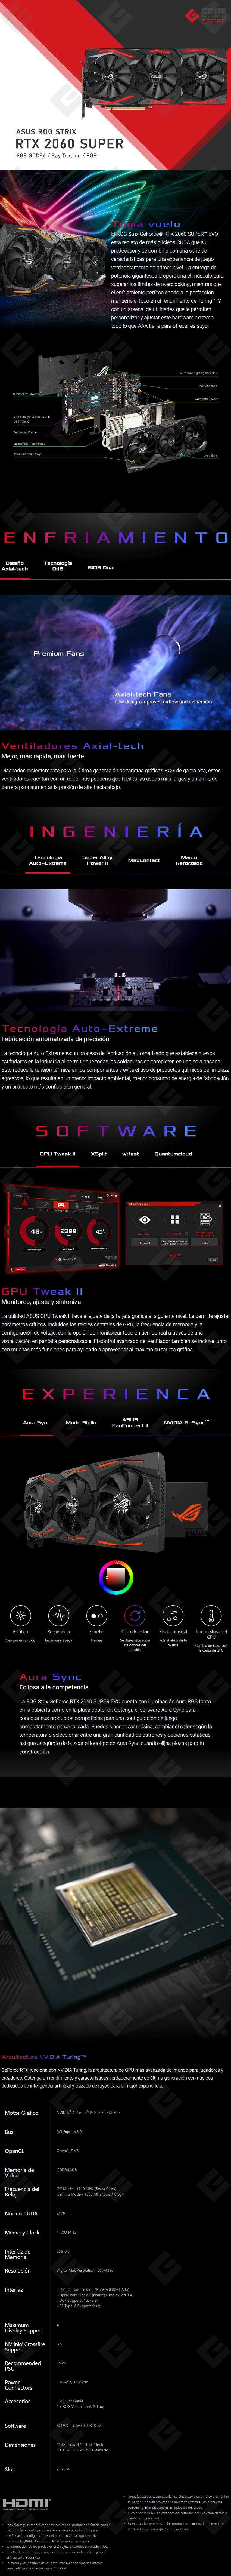 Tarjeta de Video Nvidia Asus ROG Strix RTX 2060 Super EVO 8GB GDDR6